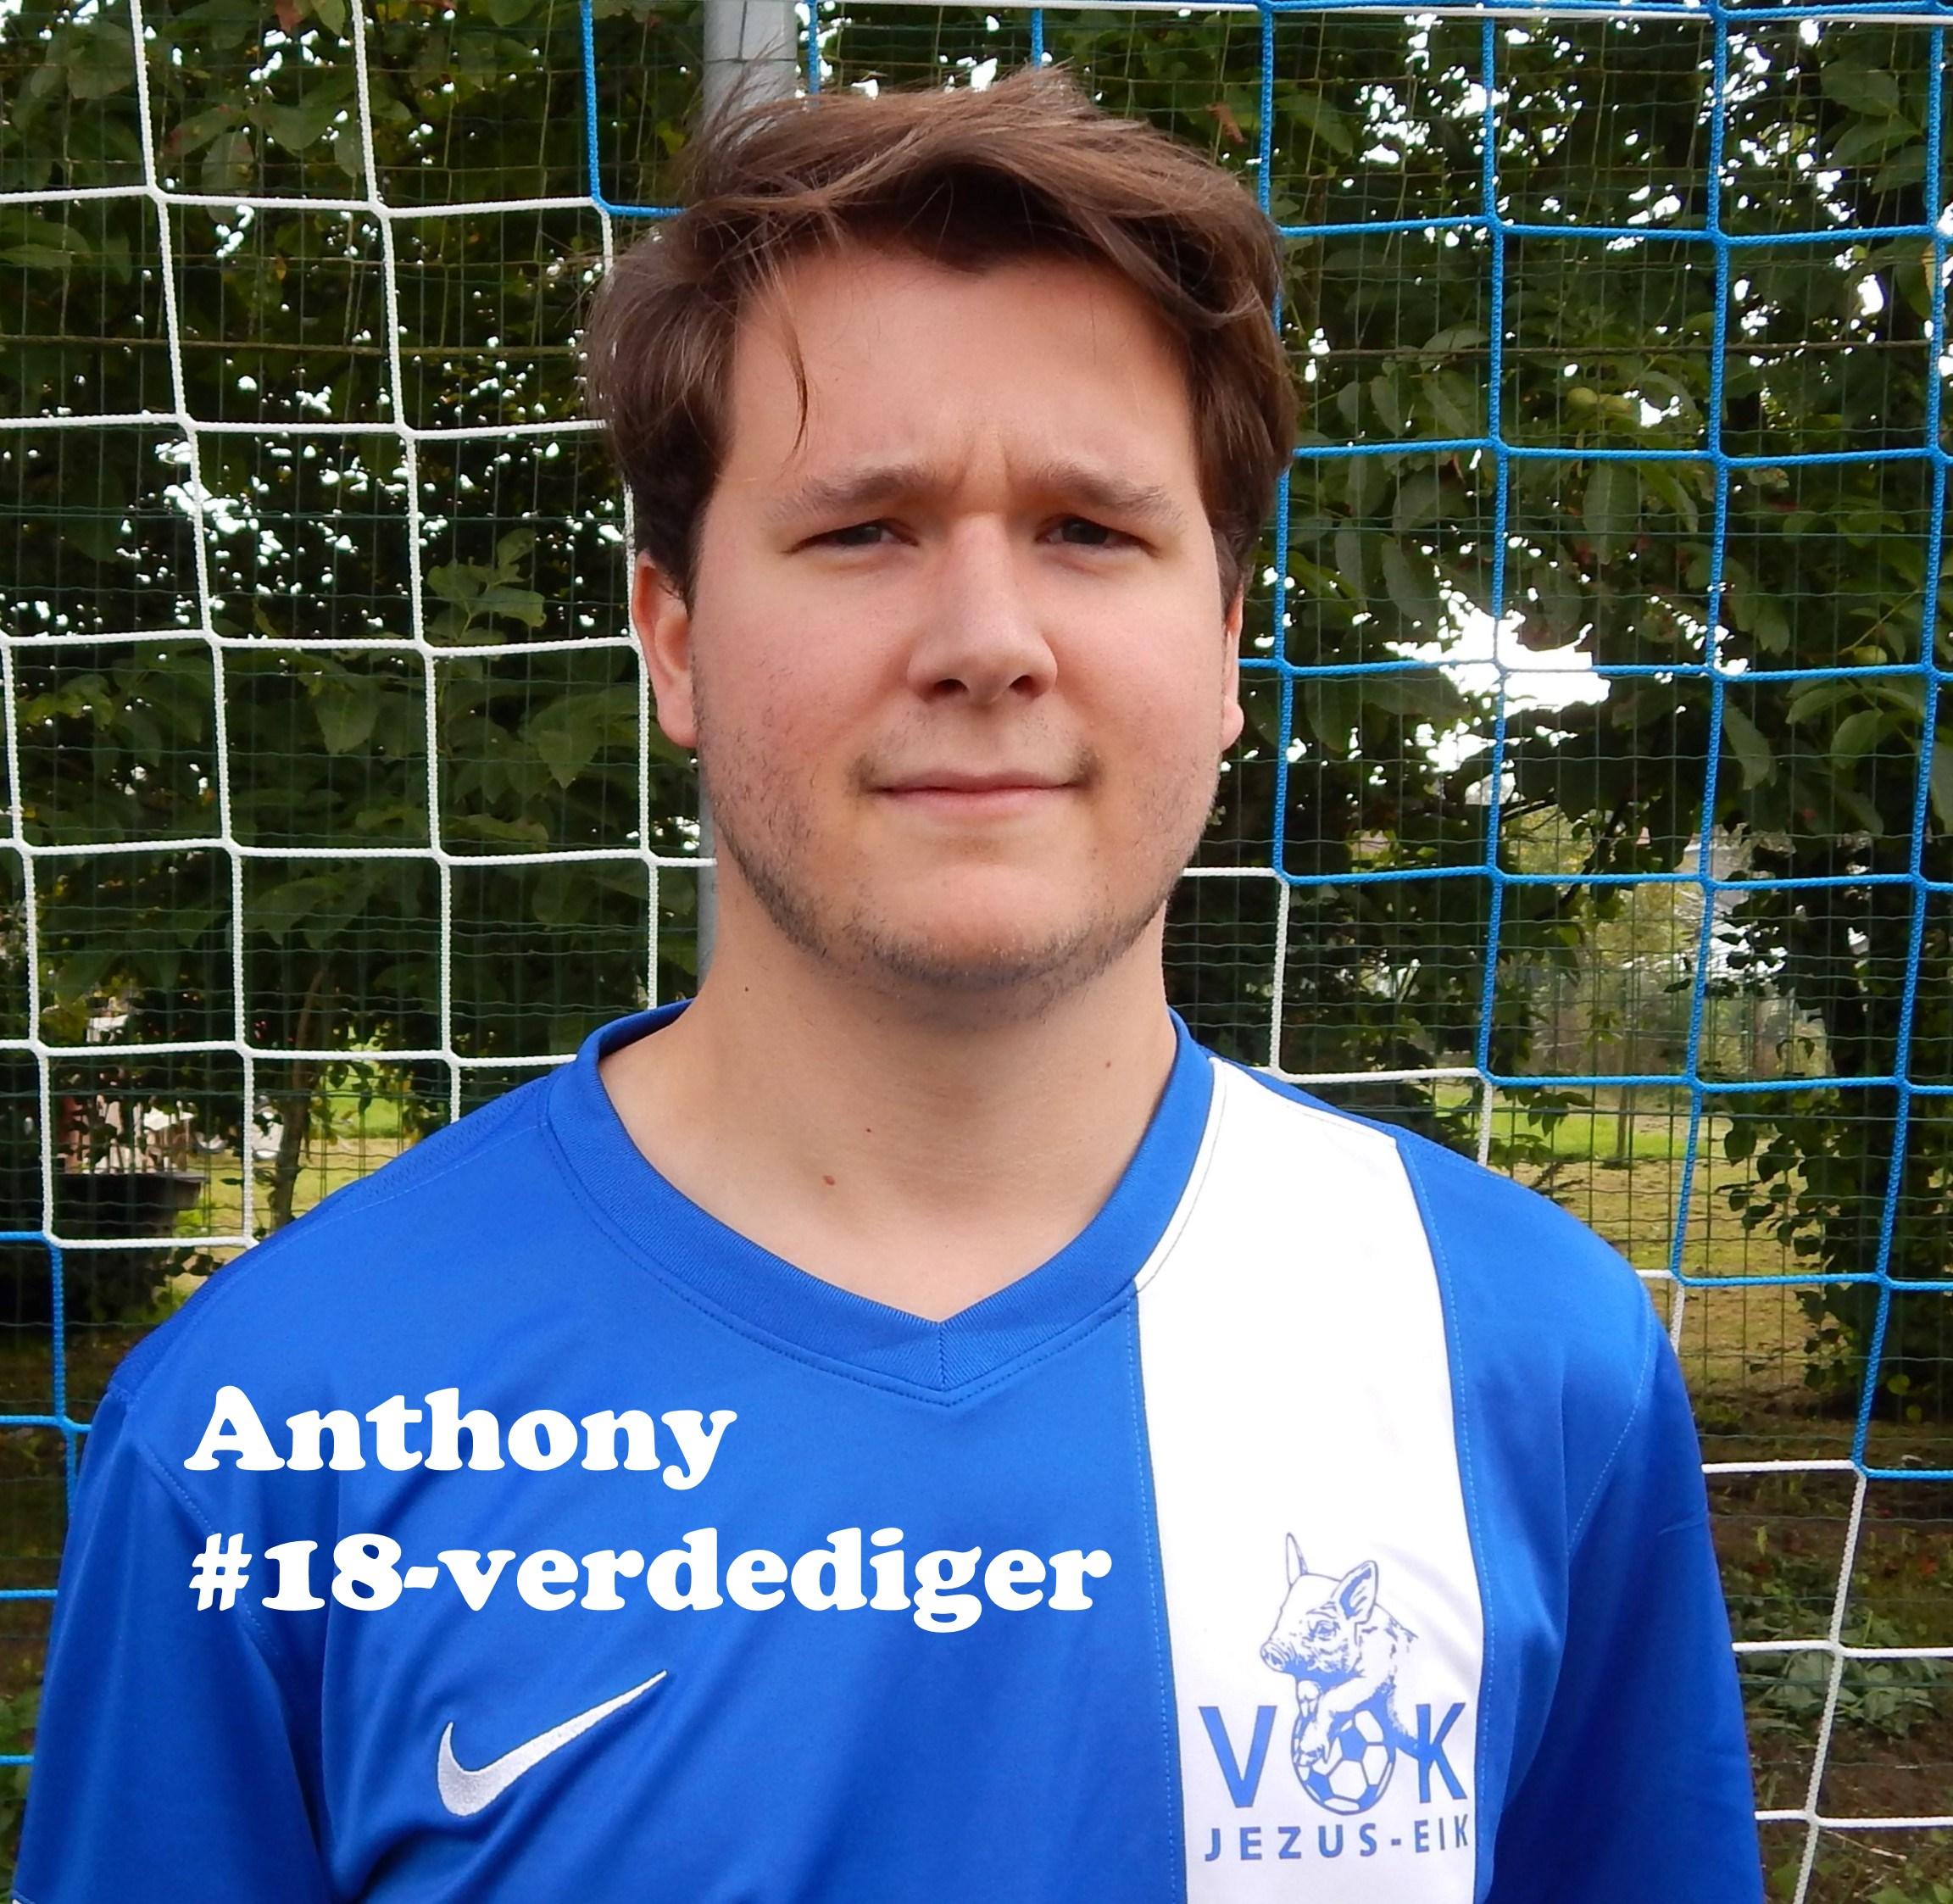 Anthony - Verdediger - 18